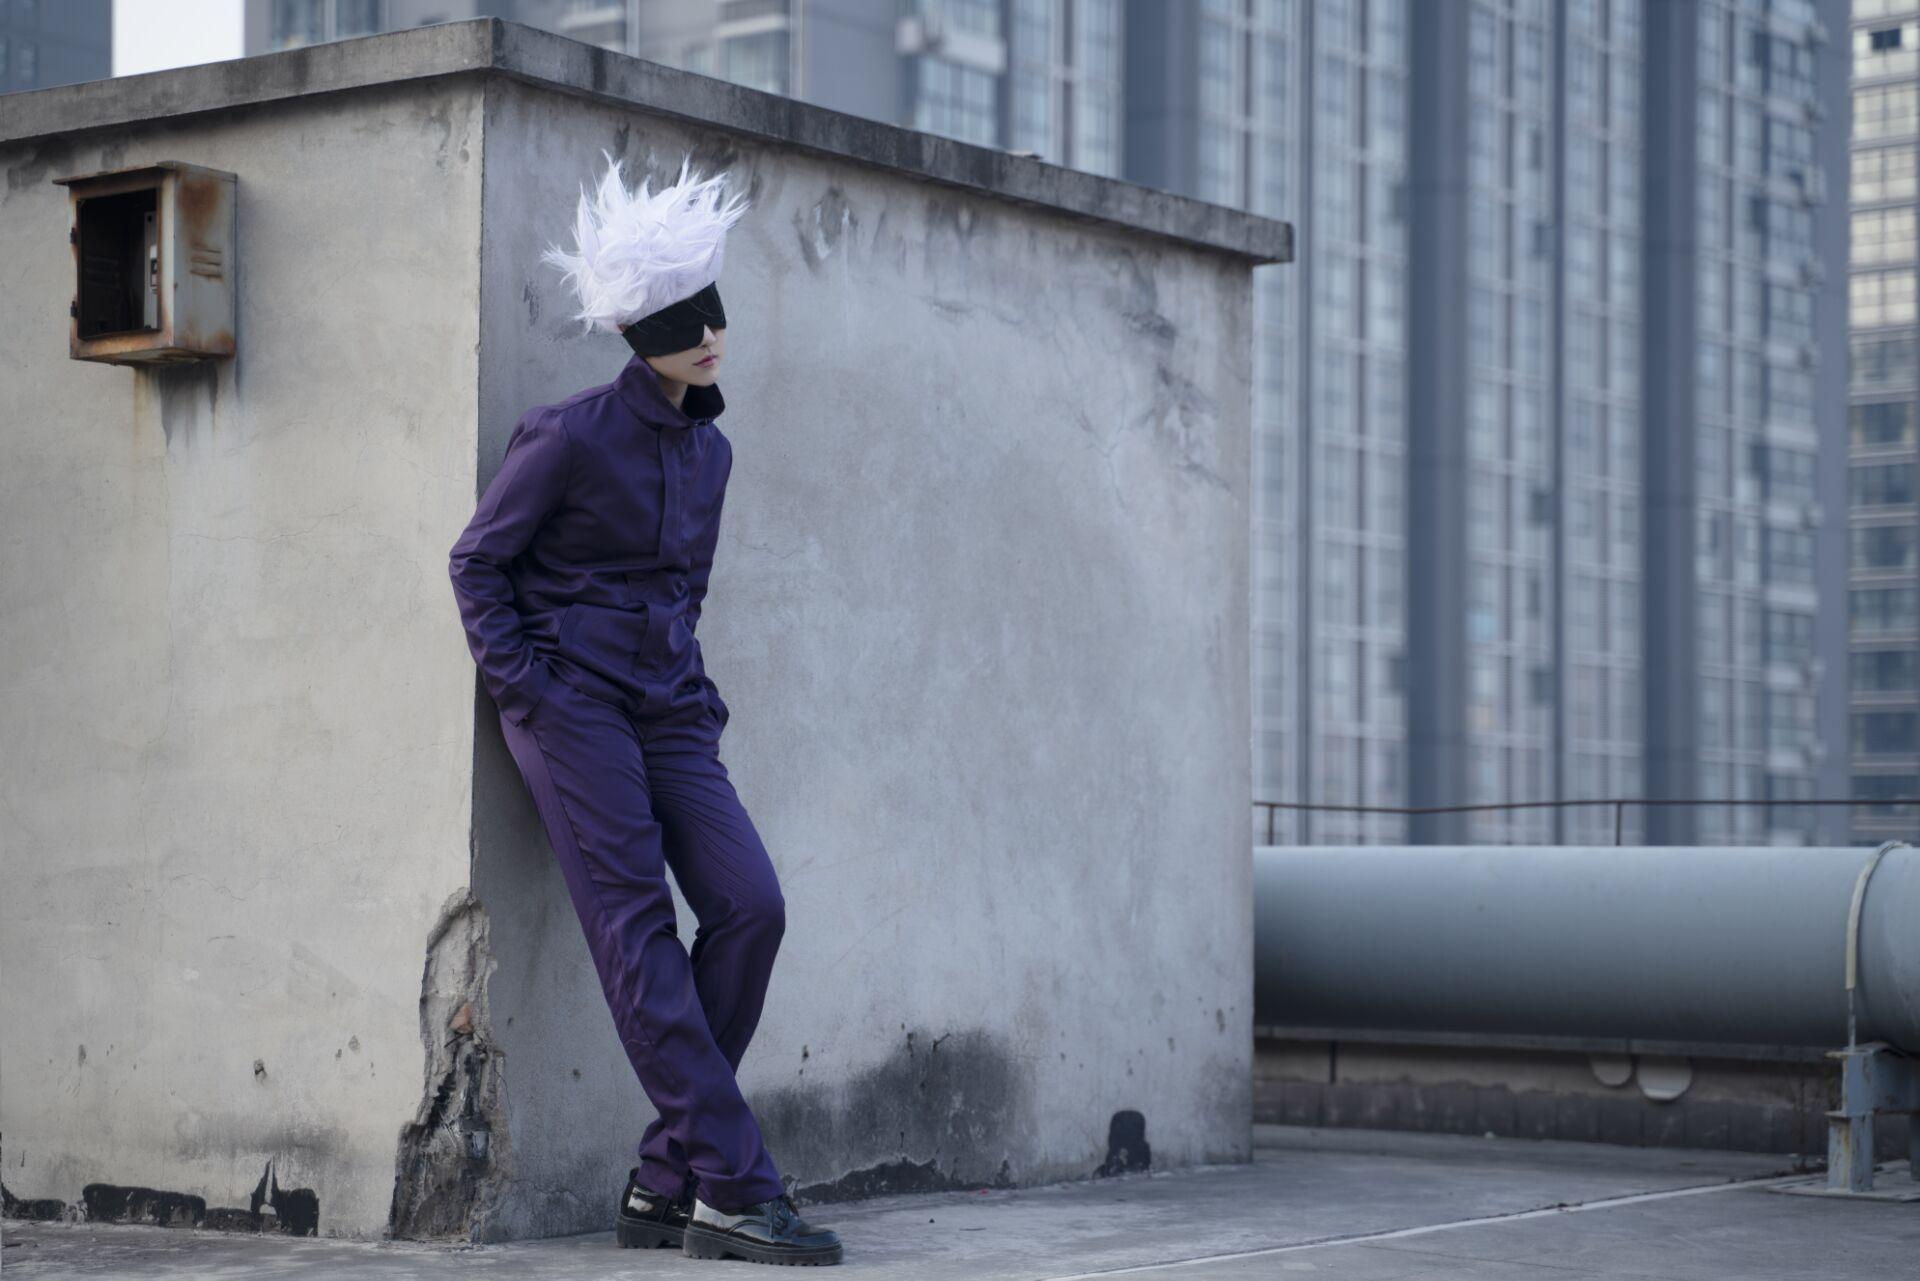 《咒术回战》是伊川啊_cosplay-第1张